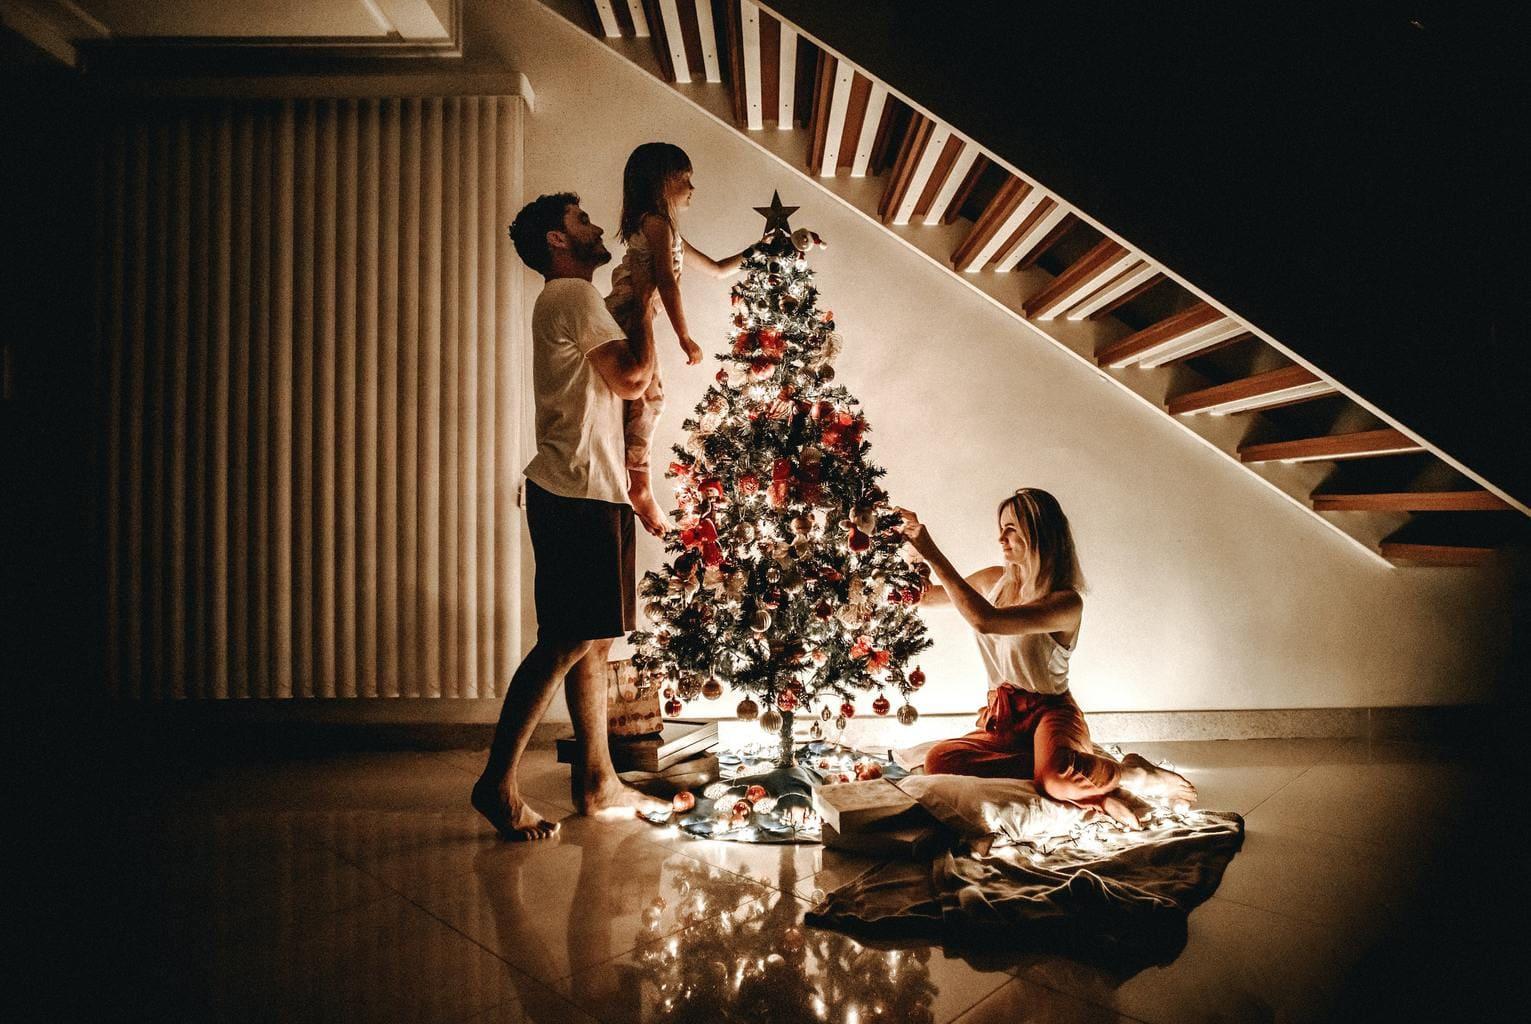 Familia montando árbol navidad para fotoreto82